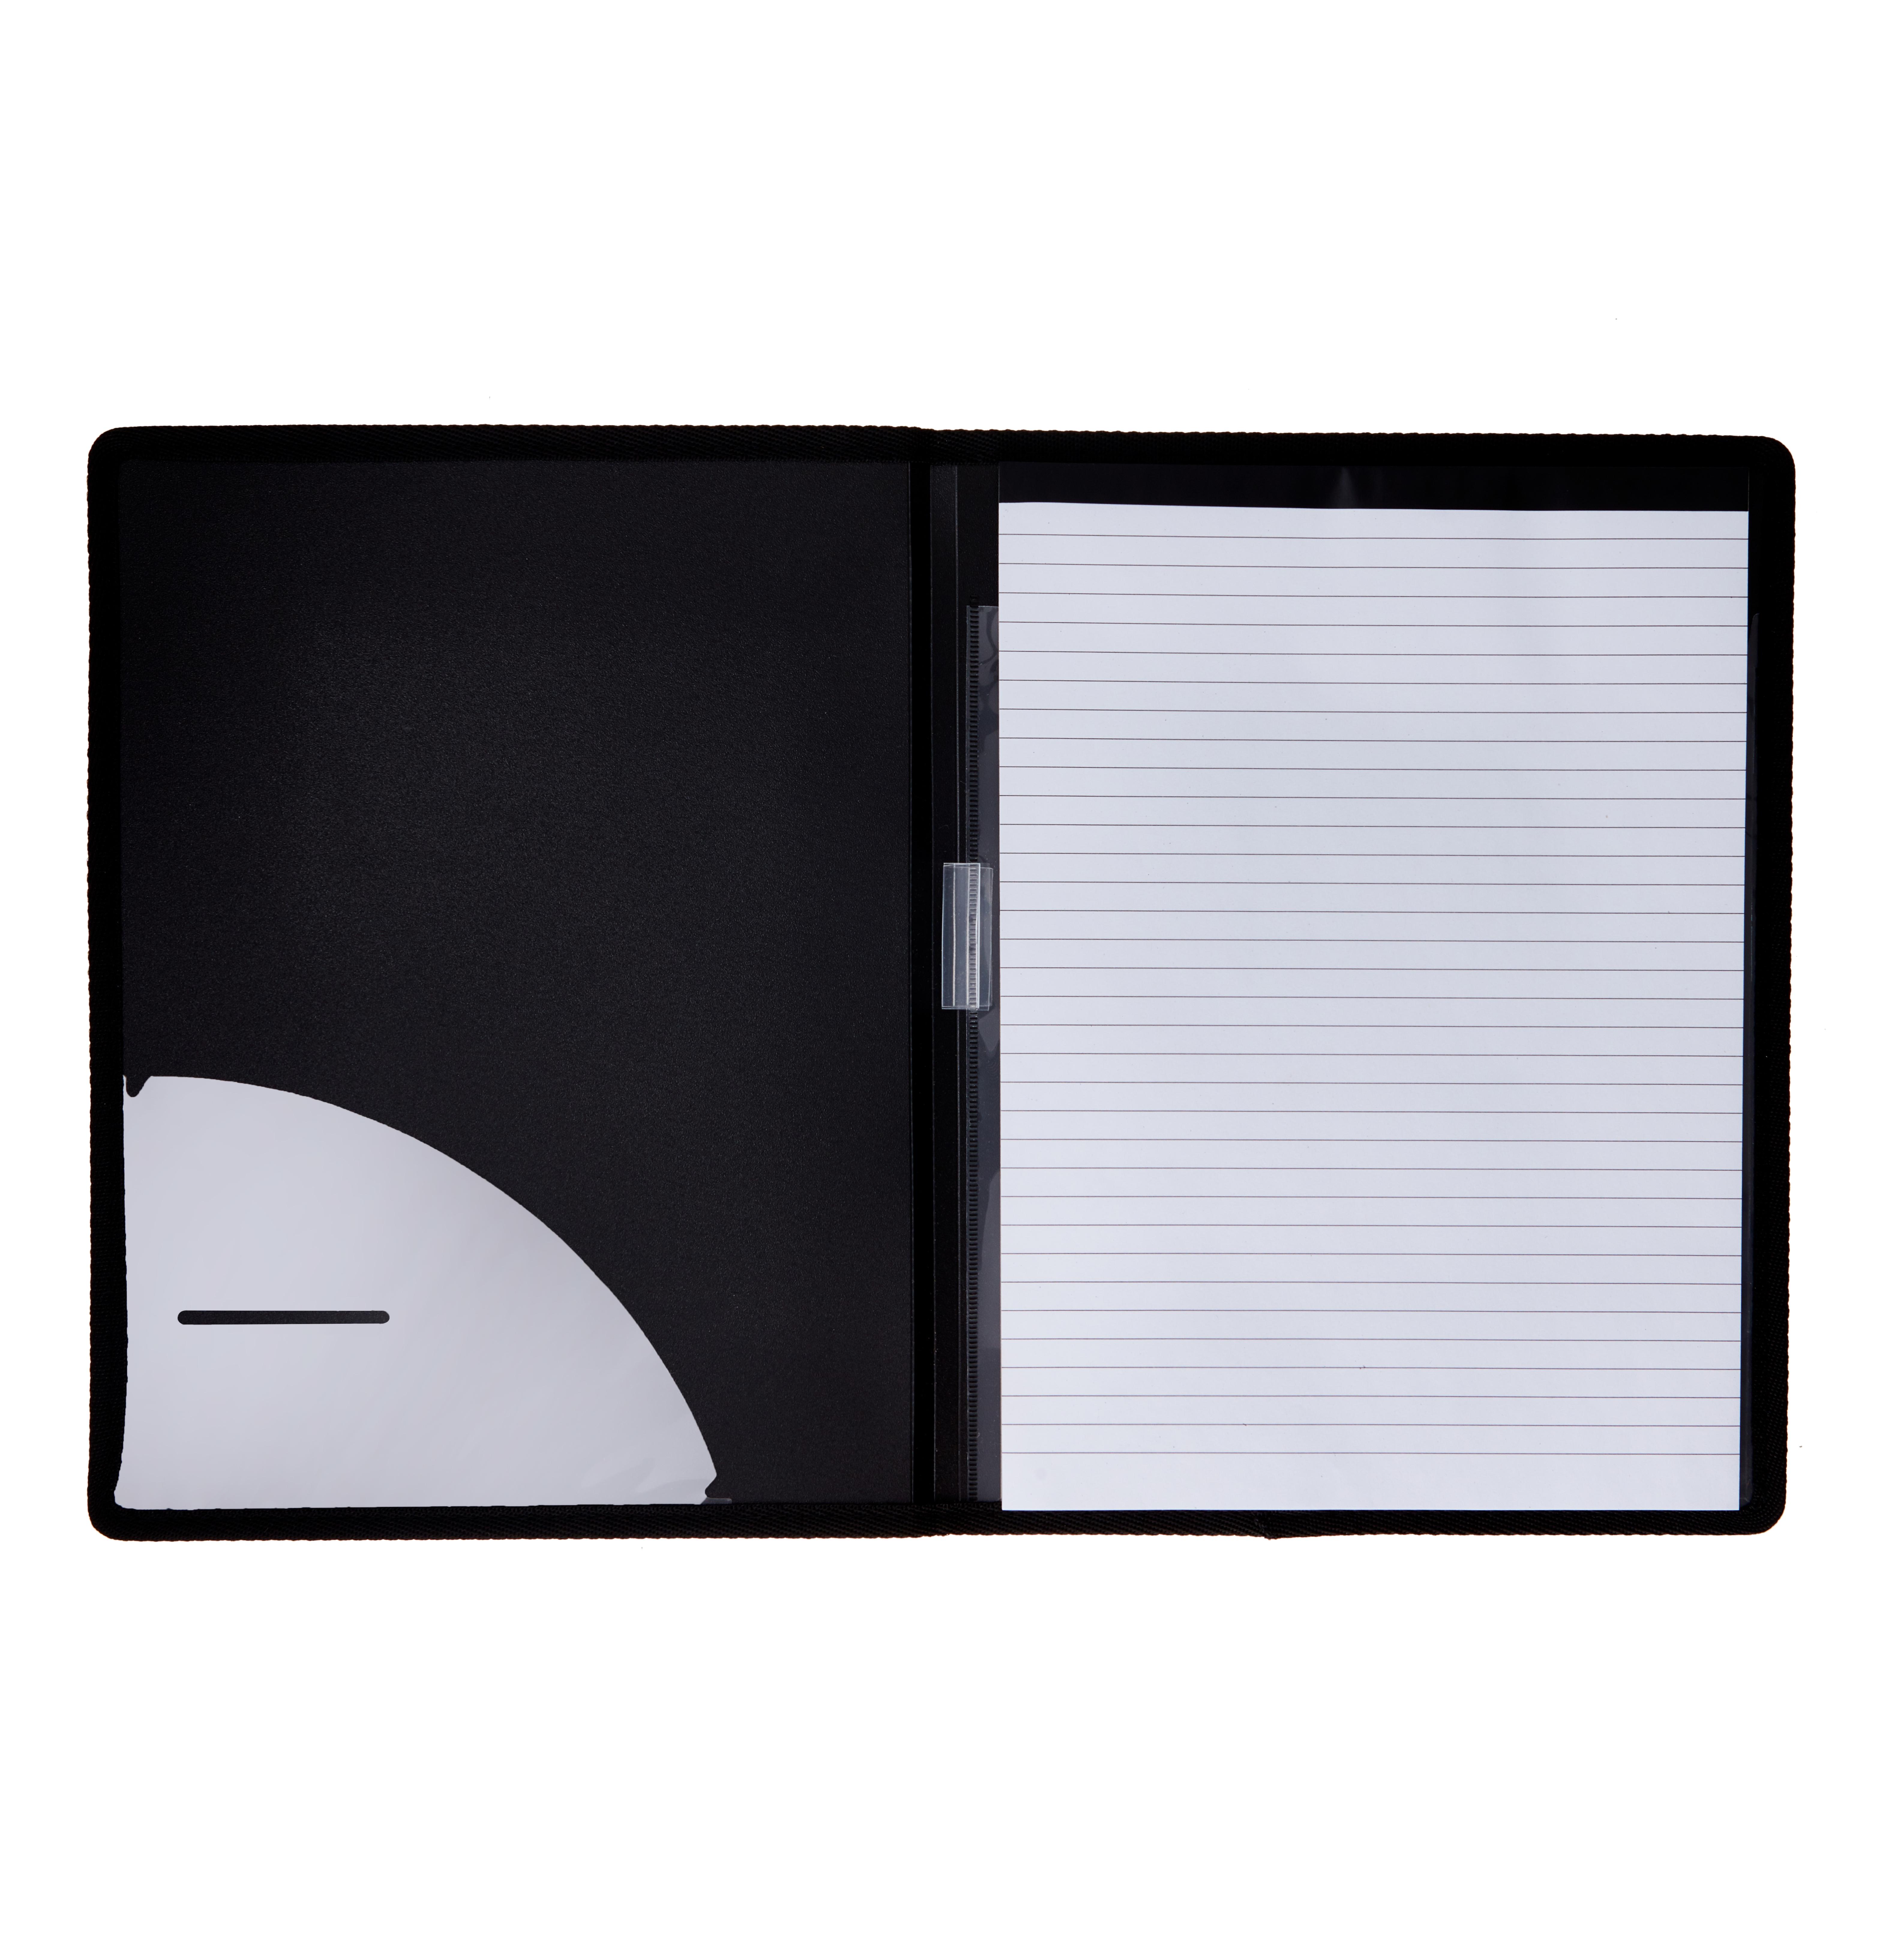 Exam Pad Folder (A4) - Inside